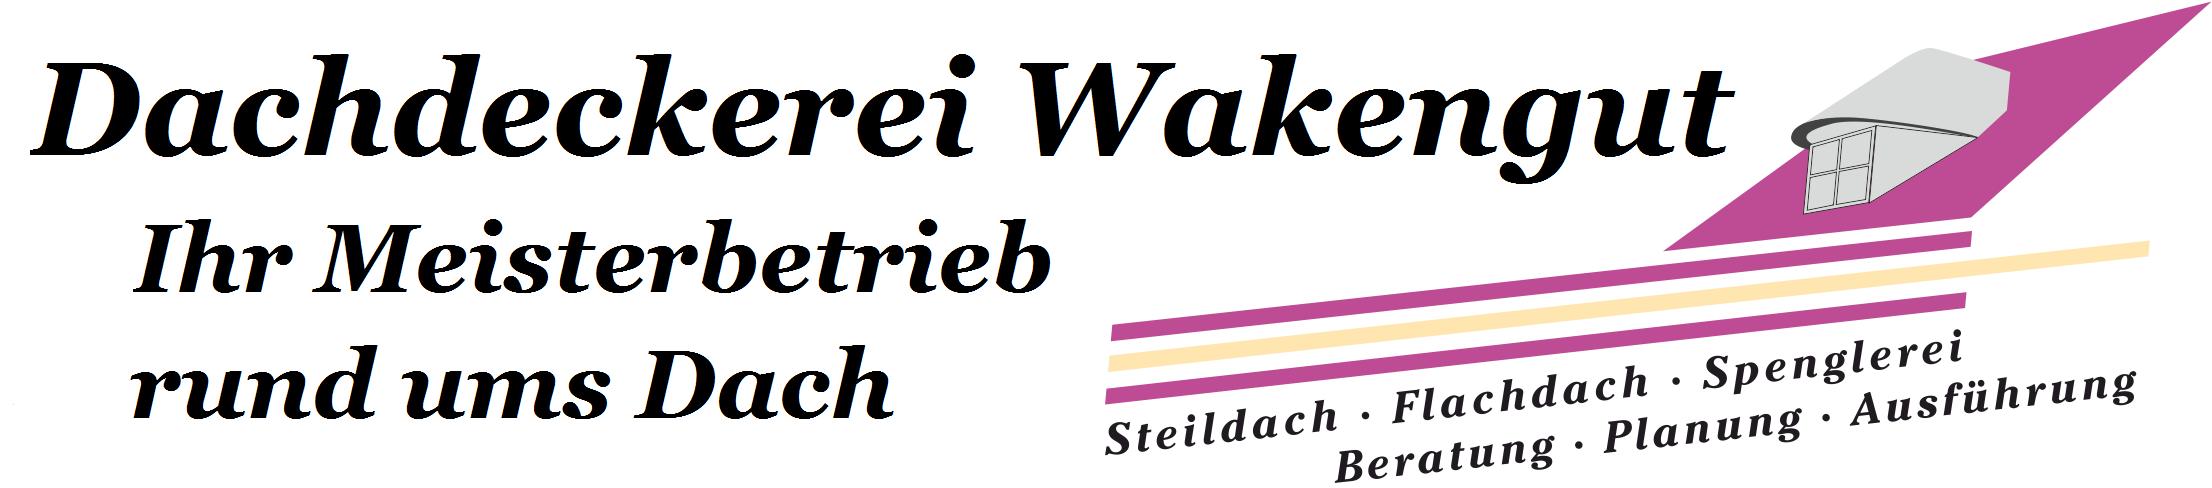 Dachdeckerei Wakengut.de Logo